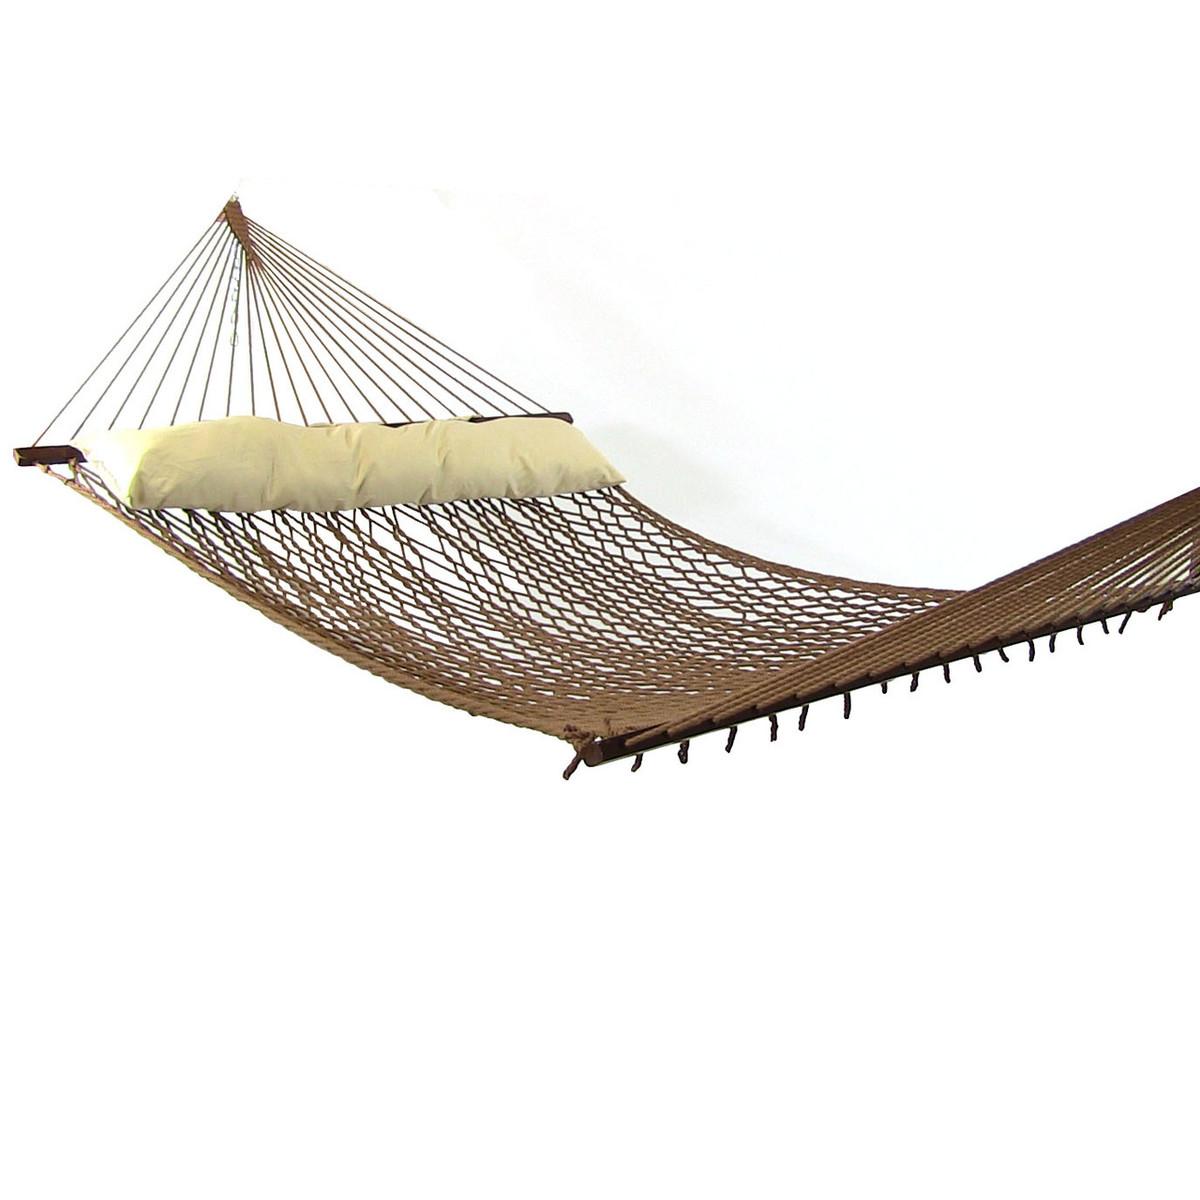 450-Pound Weight Capacity Sunnydaze 2-Person Cotton Spreader Bar Rope Hammock